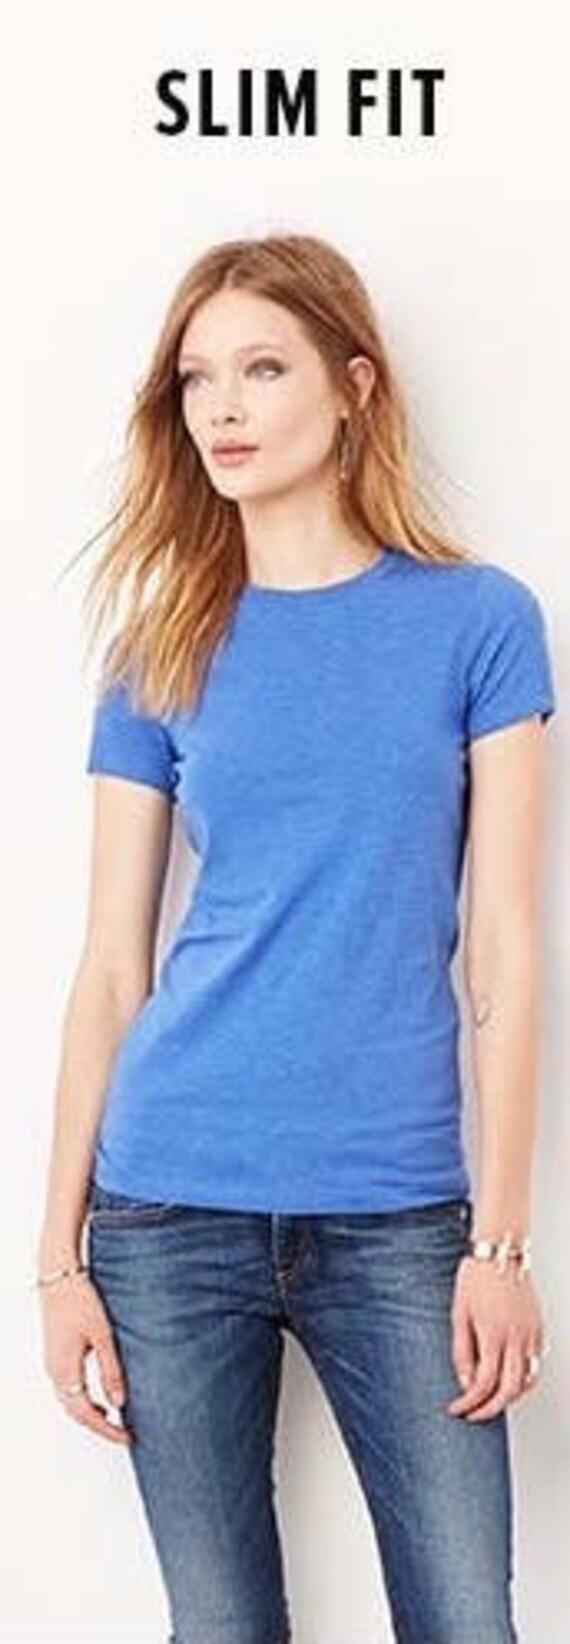 Custom - Statement Tee / Graphic Tee / Statement Tshirt / Graphic Tshirt / T shirt